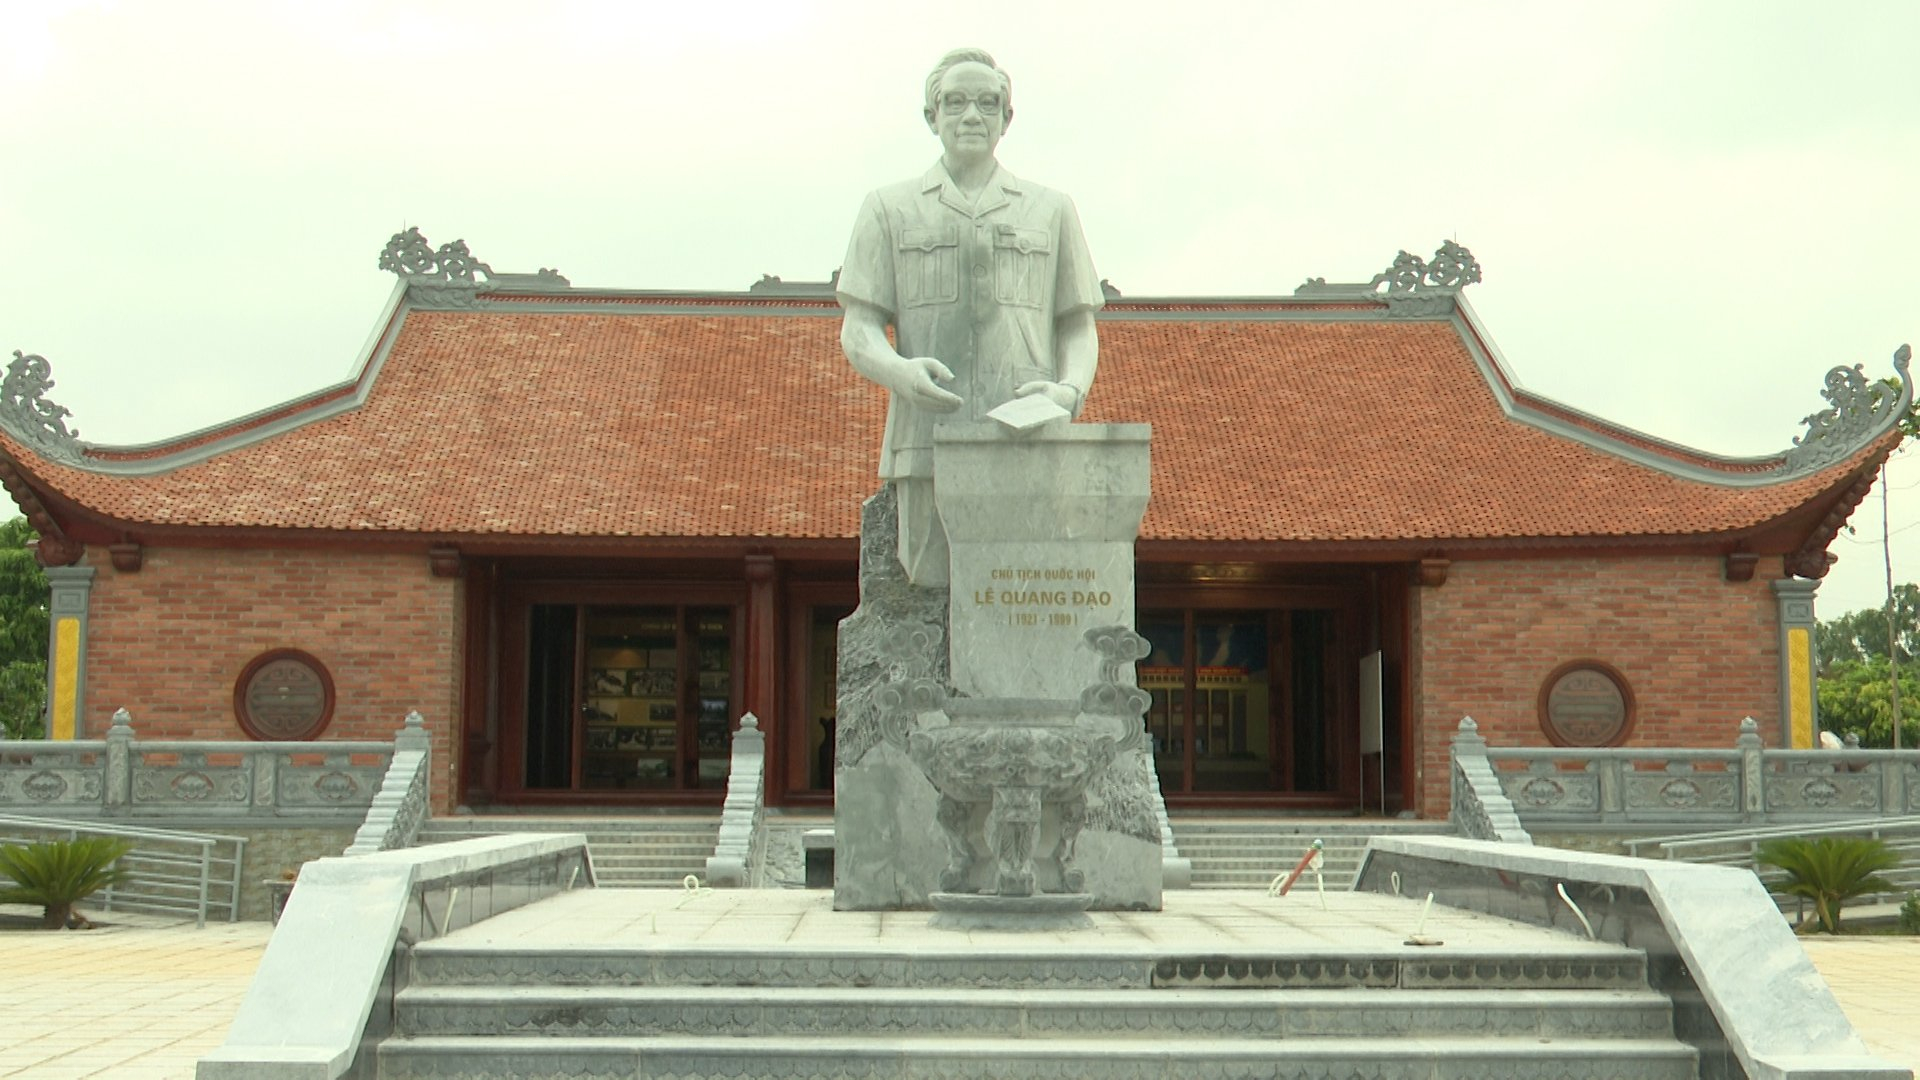 Từ Sơn cả hệ thống chính trị đẩy mạnh tuyên truyền  kỷ niệm 100 năm Ngày sinh đồng chí Lê Quang Đạo